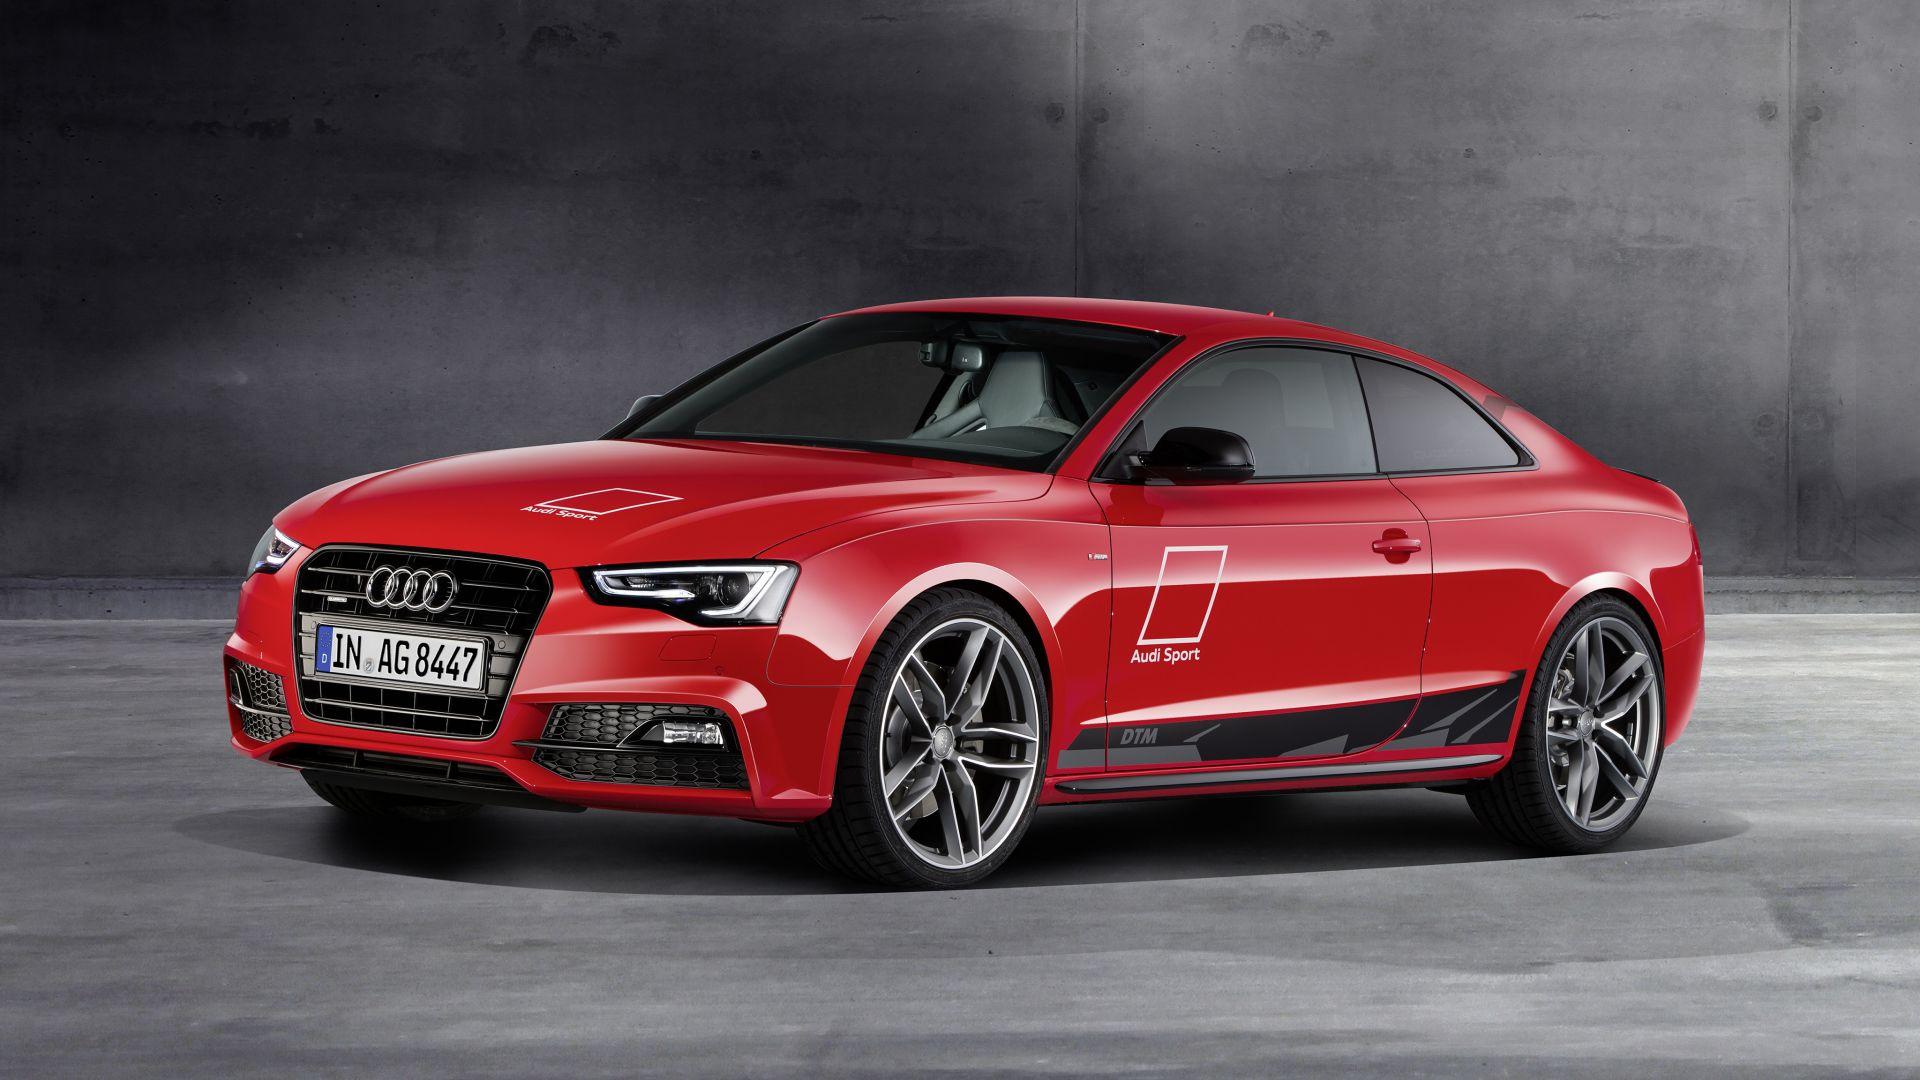 Audi A5 красная купе онлайн